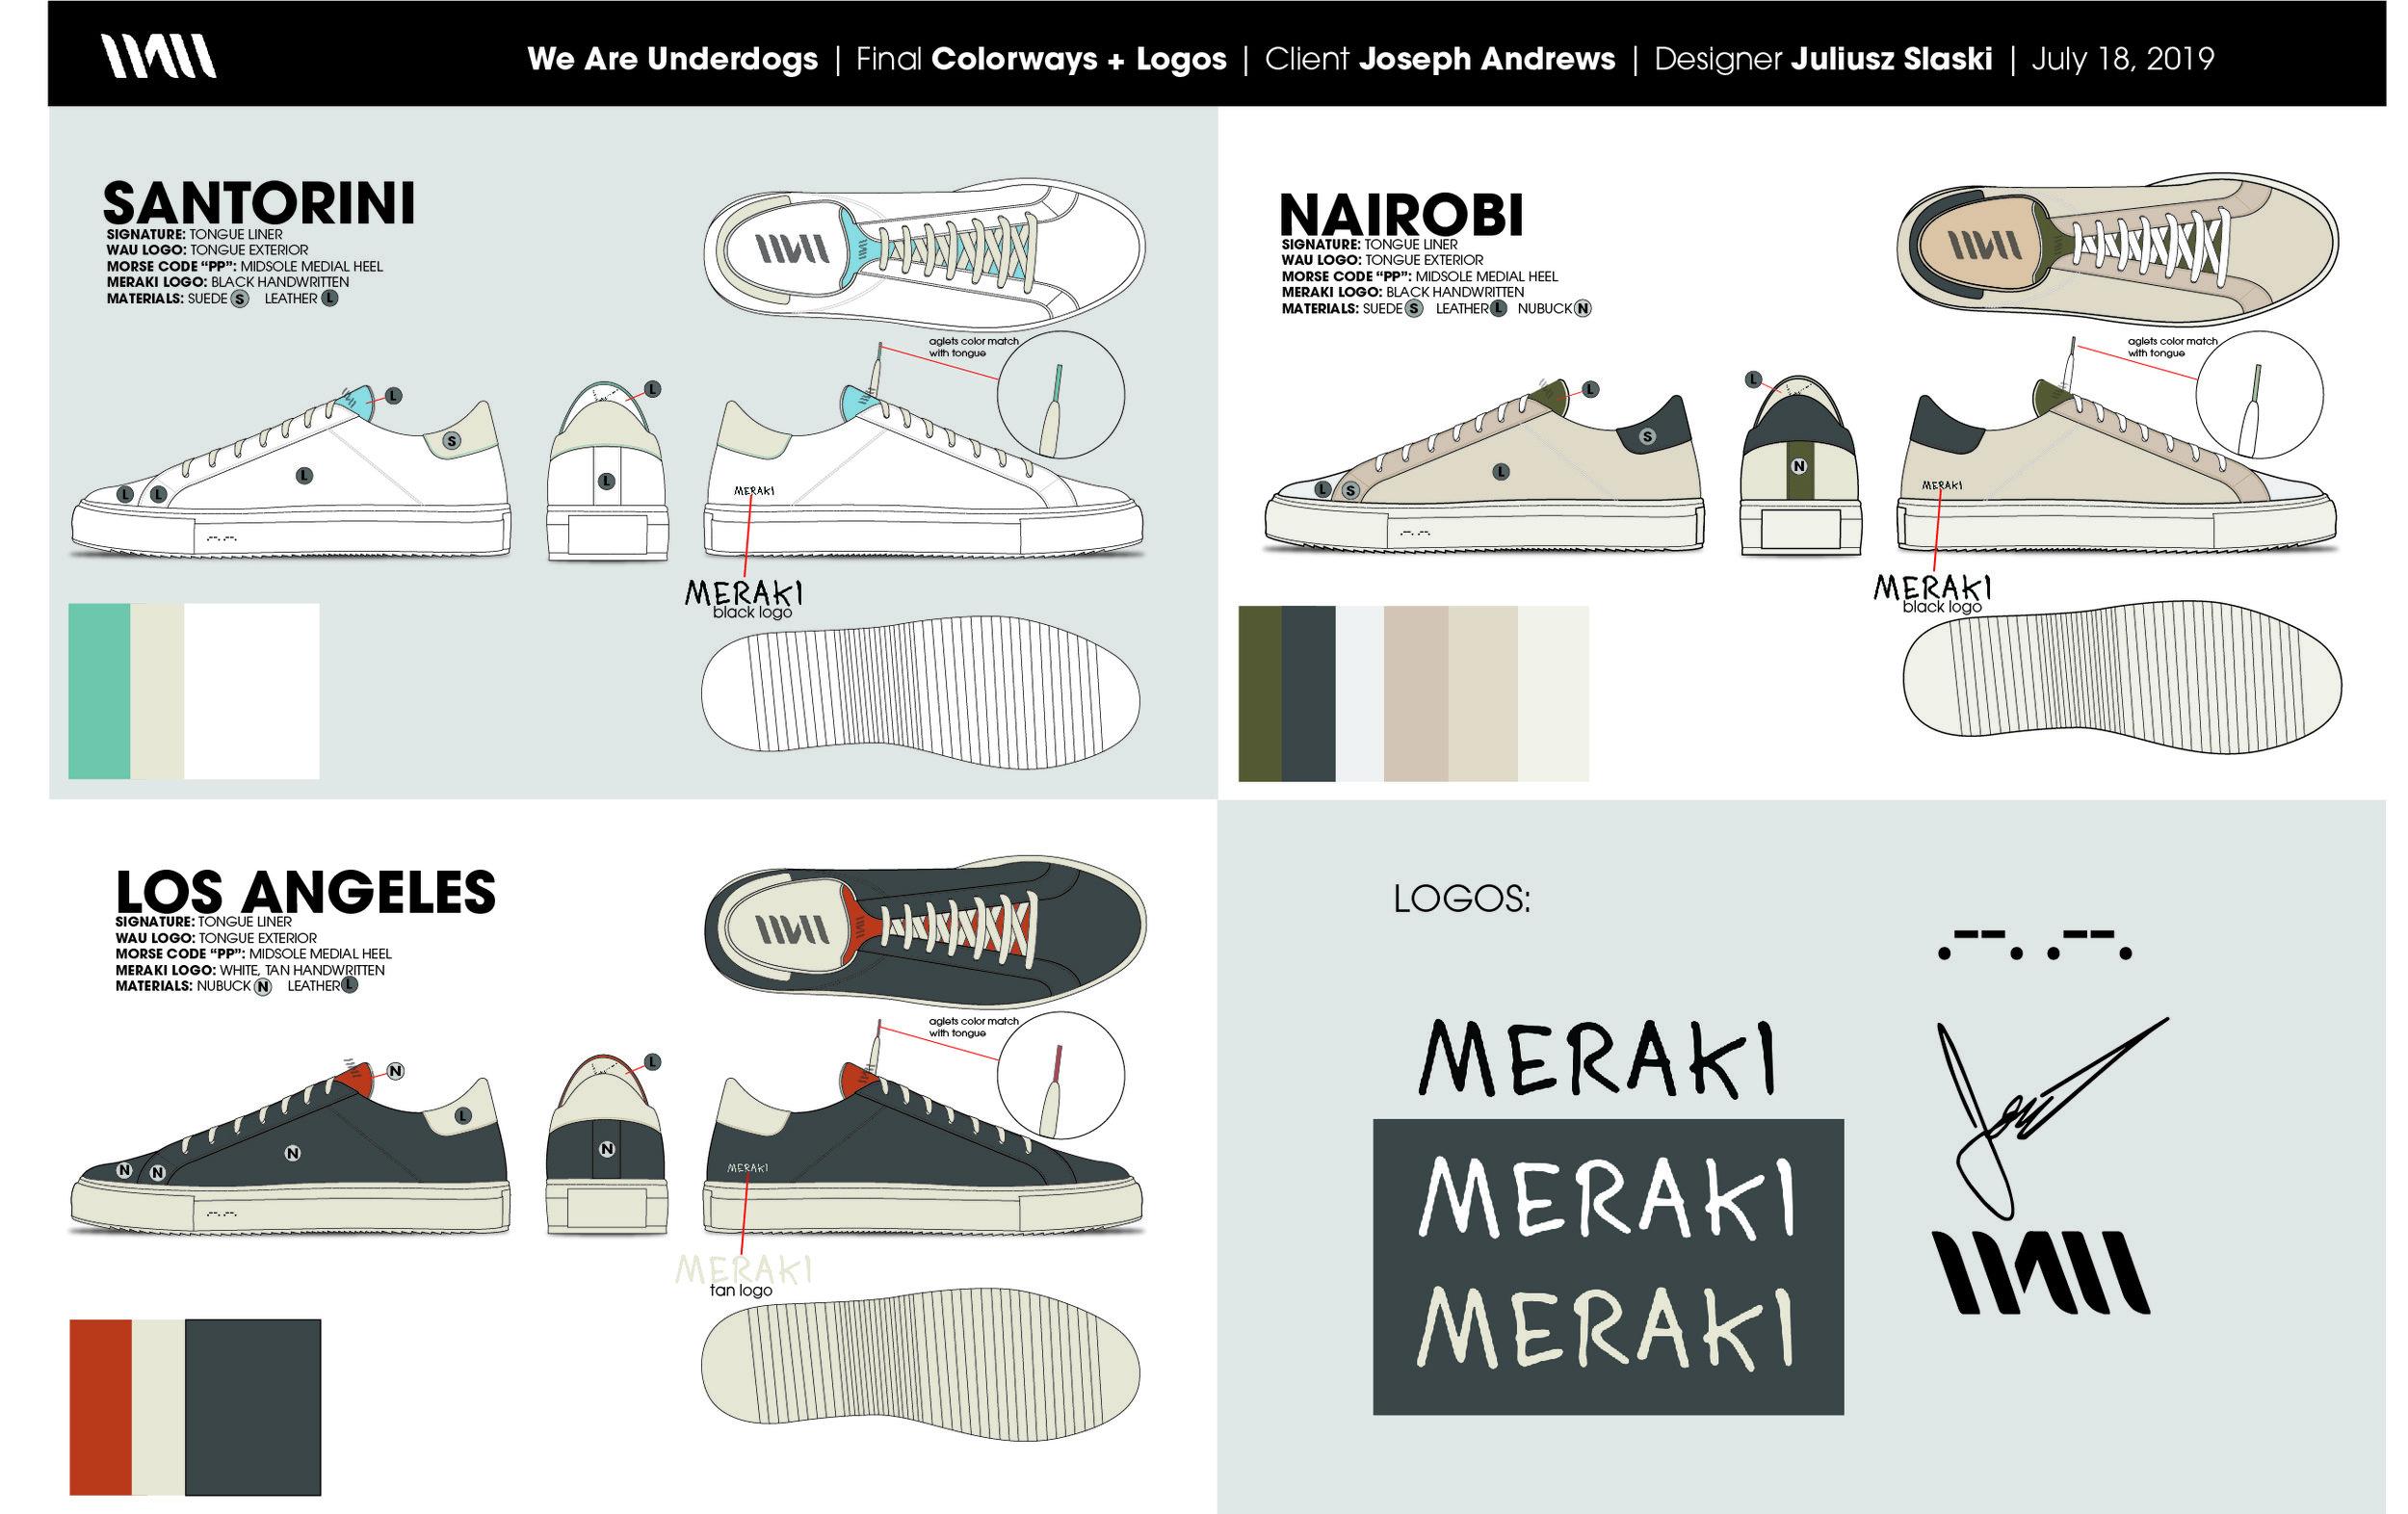 meraki final three colorways - updated colors.jpg